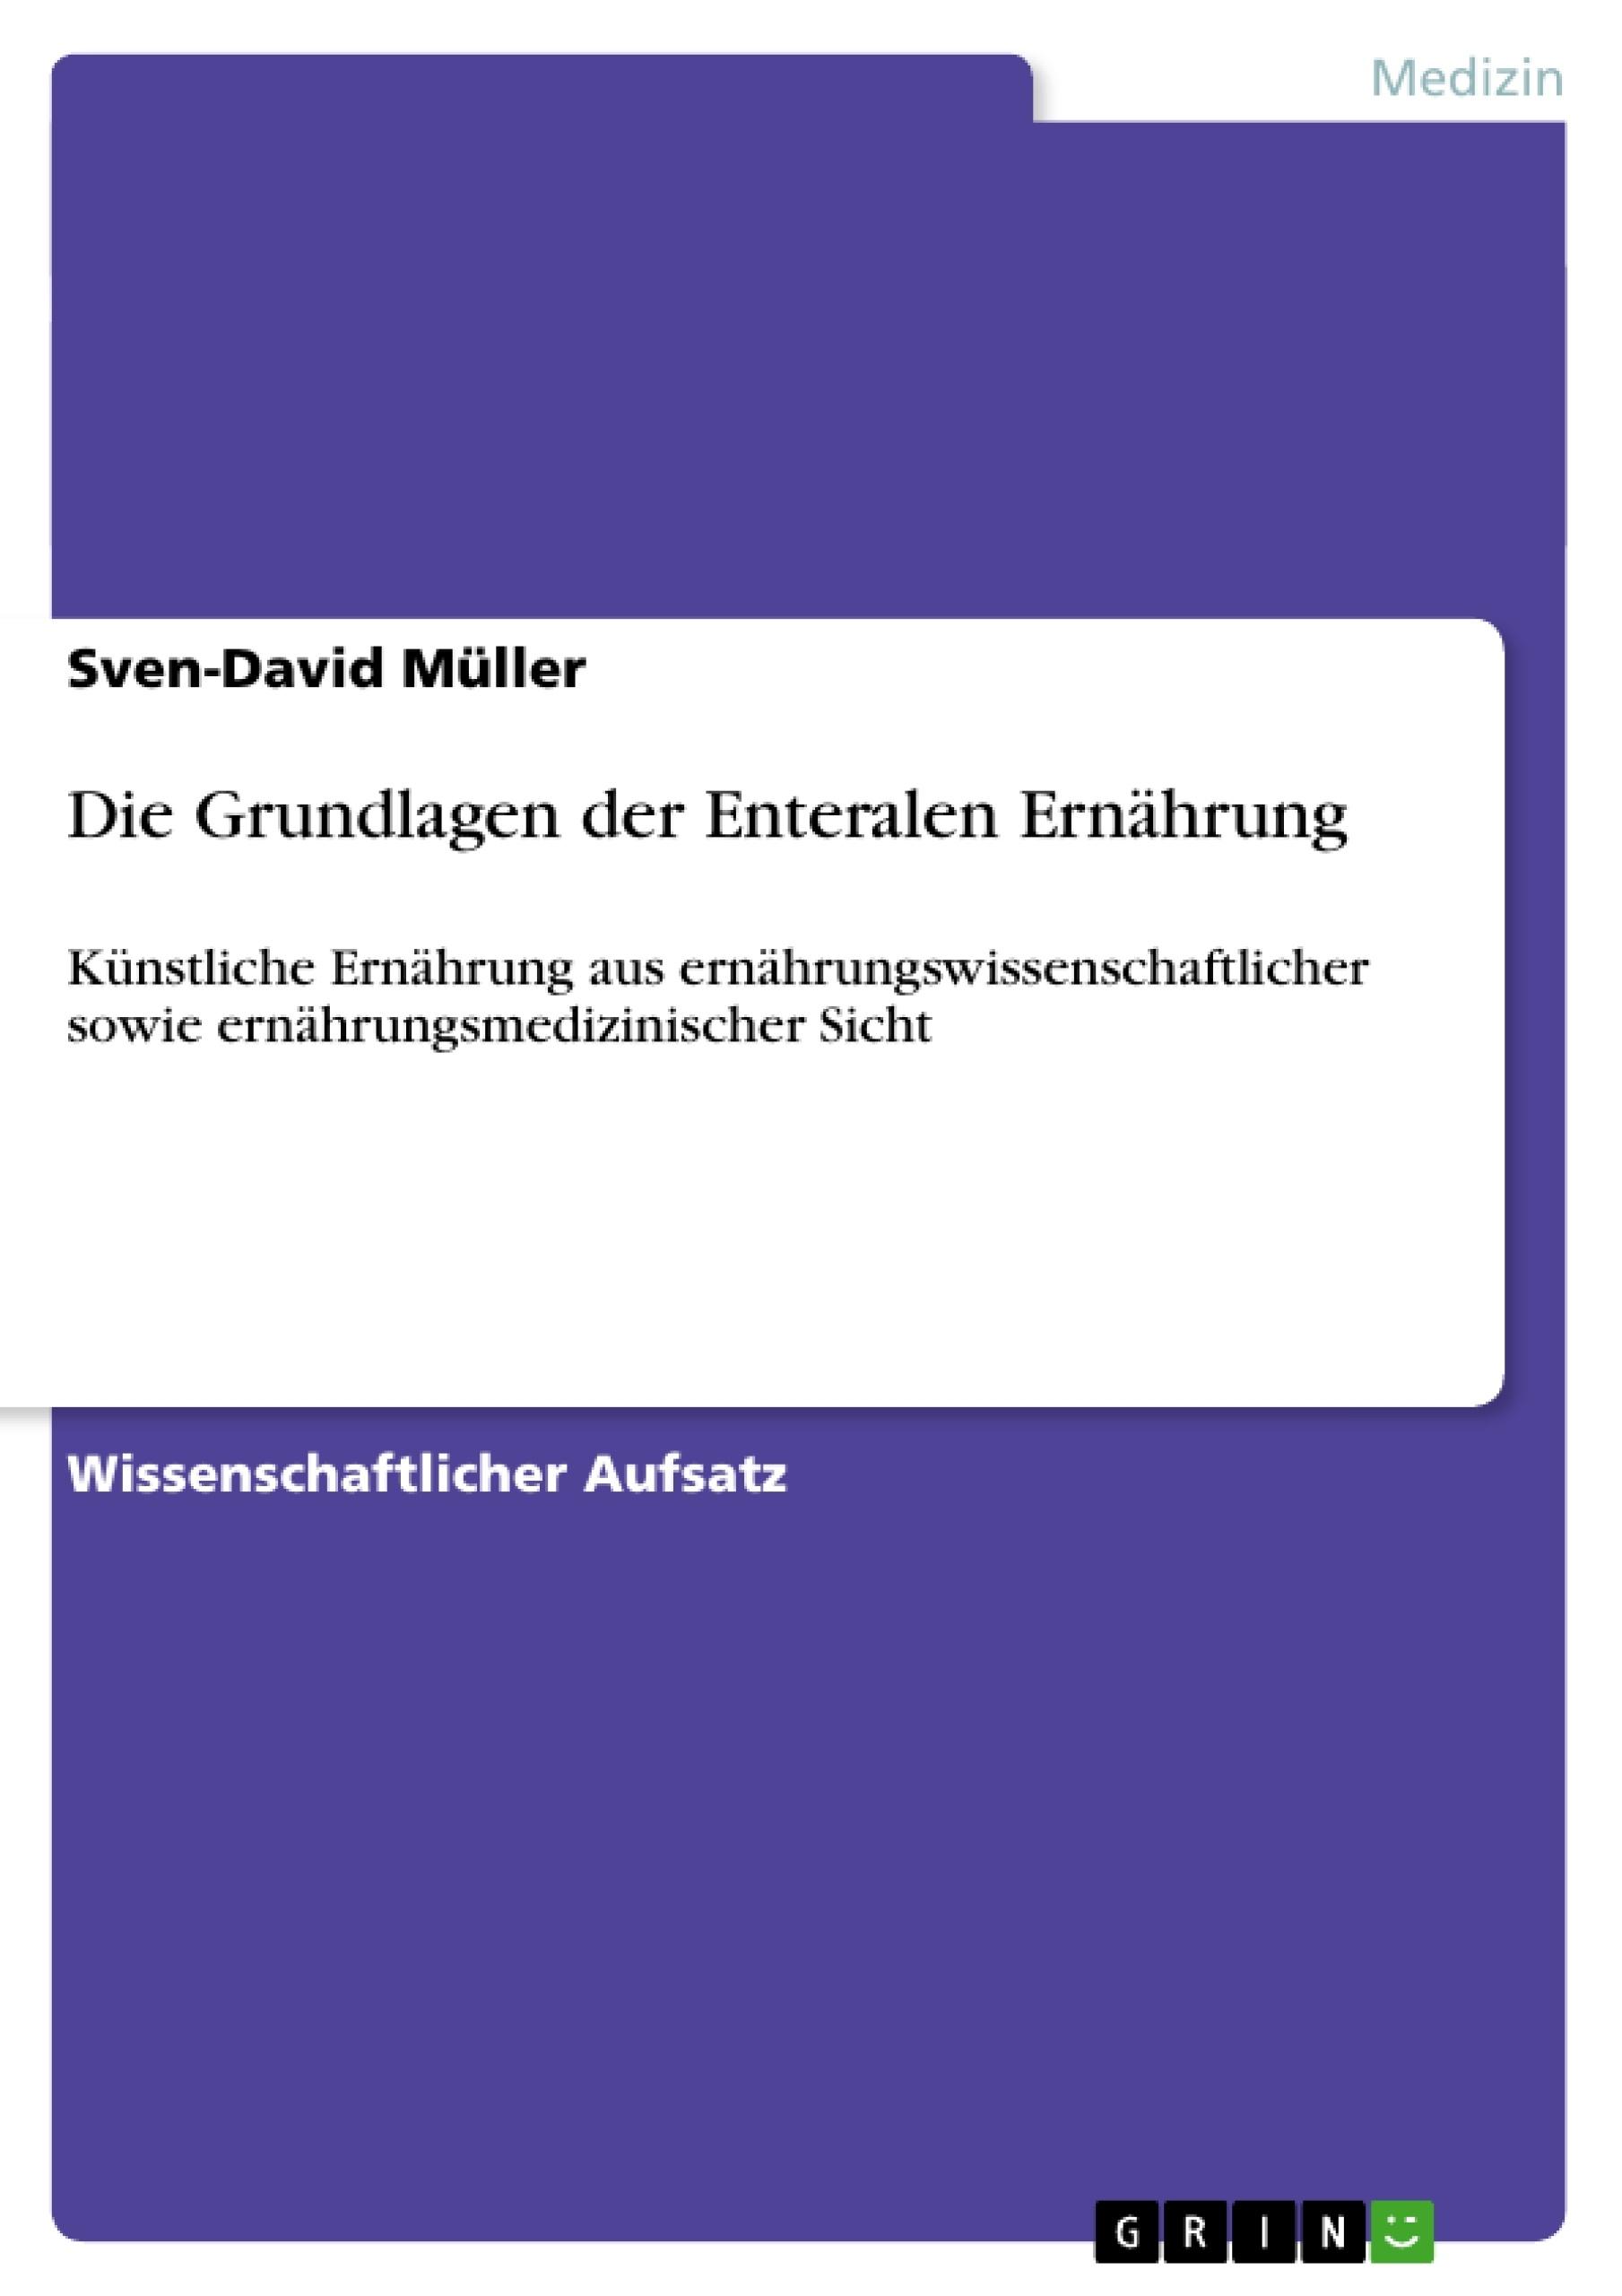 Titel: Die Grundlagen der Enteralen Ernährung